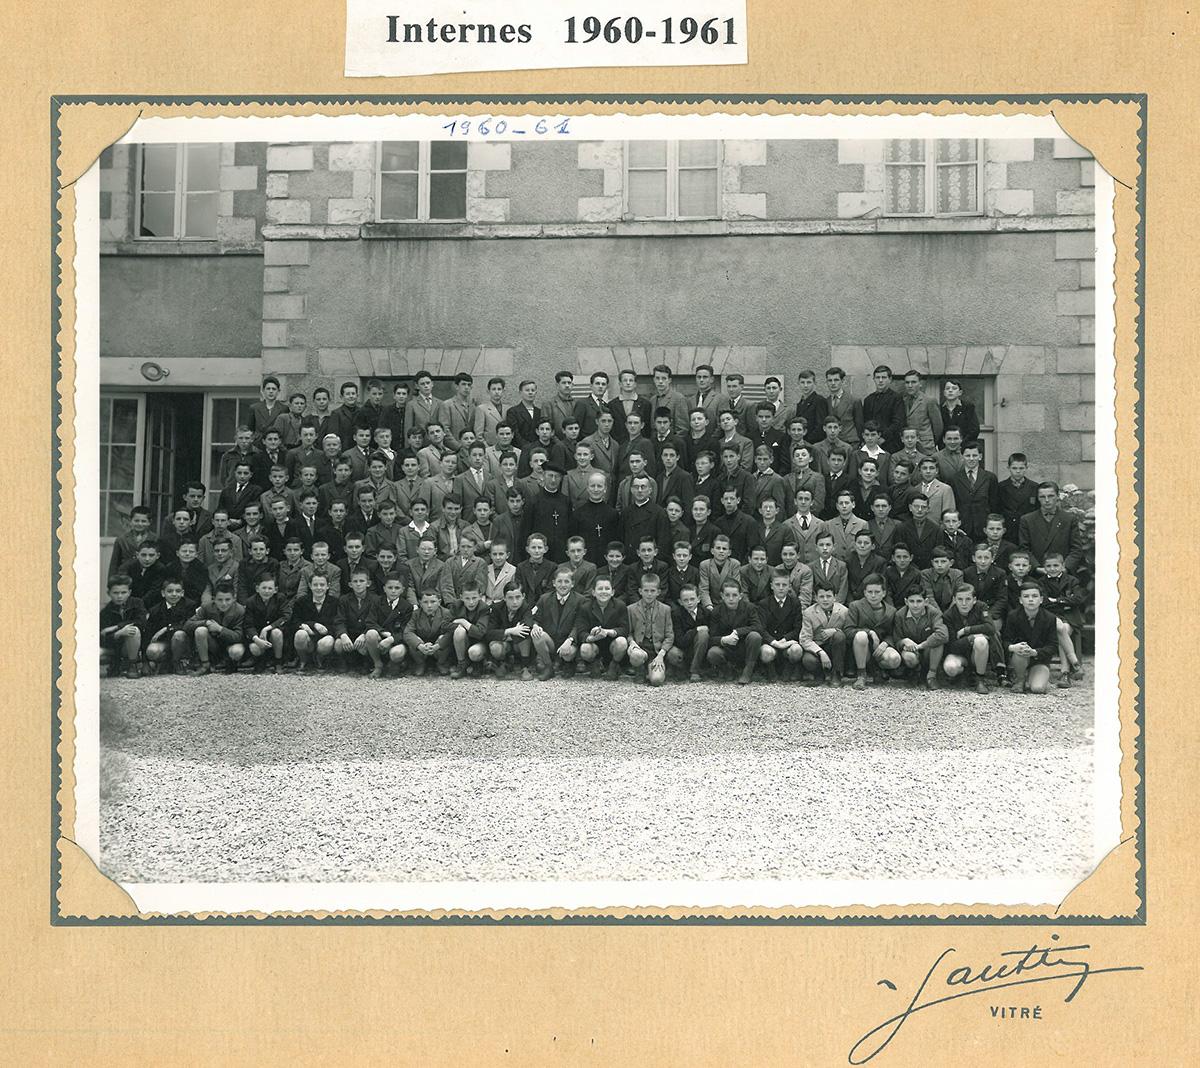 ecole-sainte-marie-1960-61